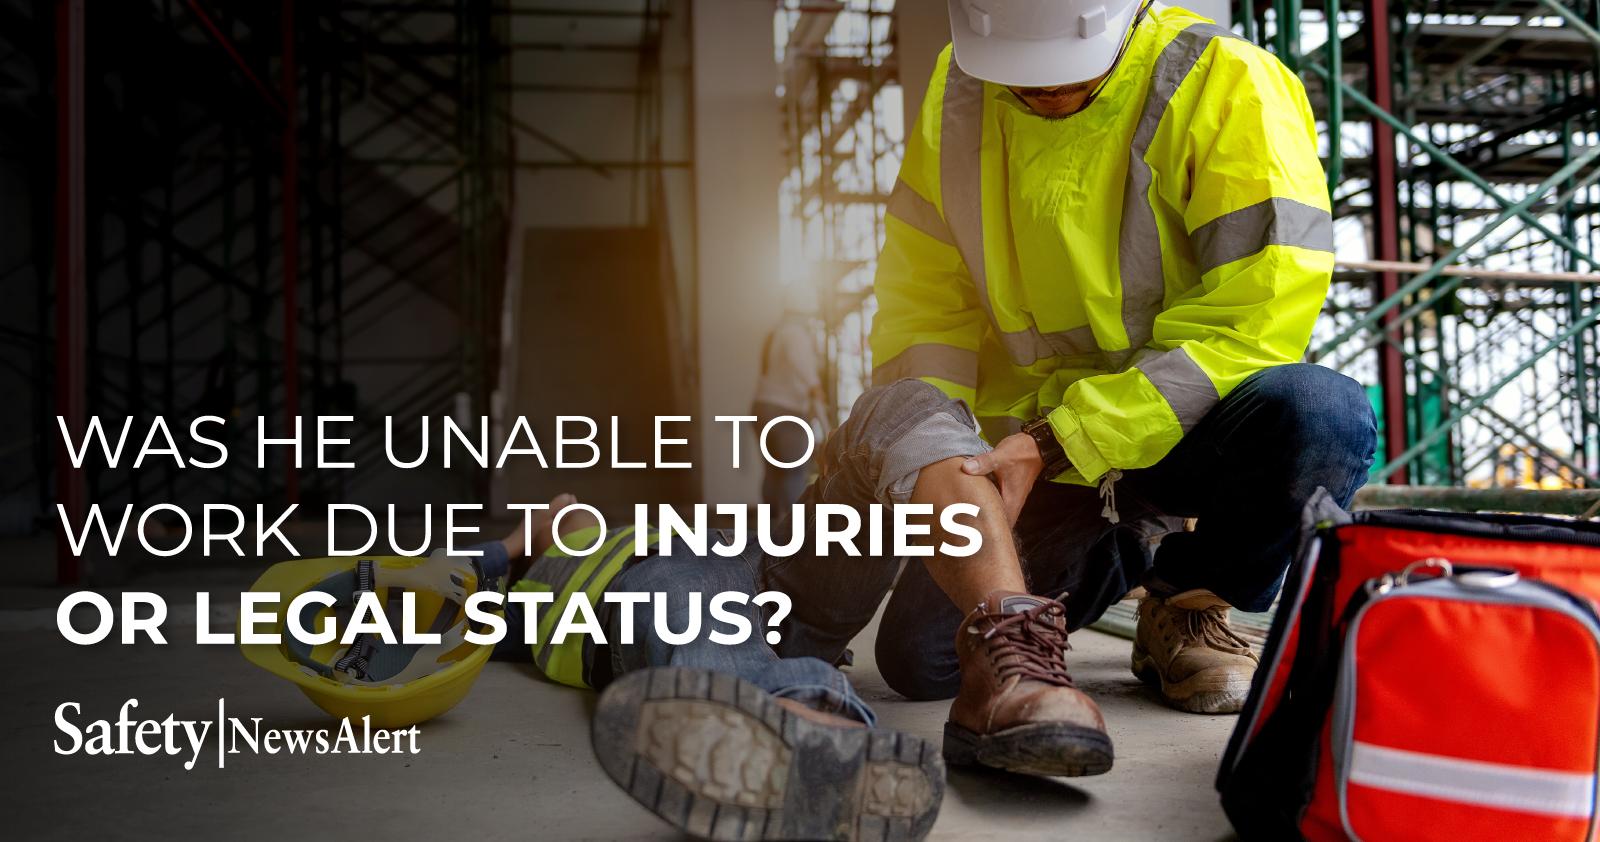 can-injured-undocumented-worker-get-ptd-benefits